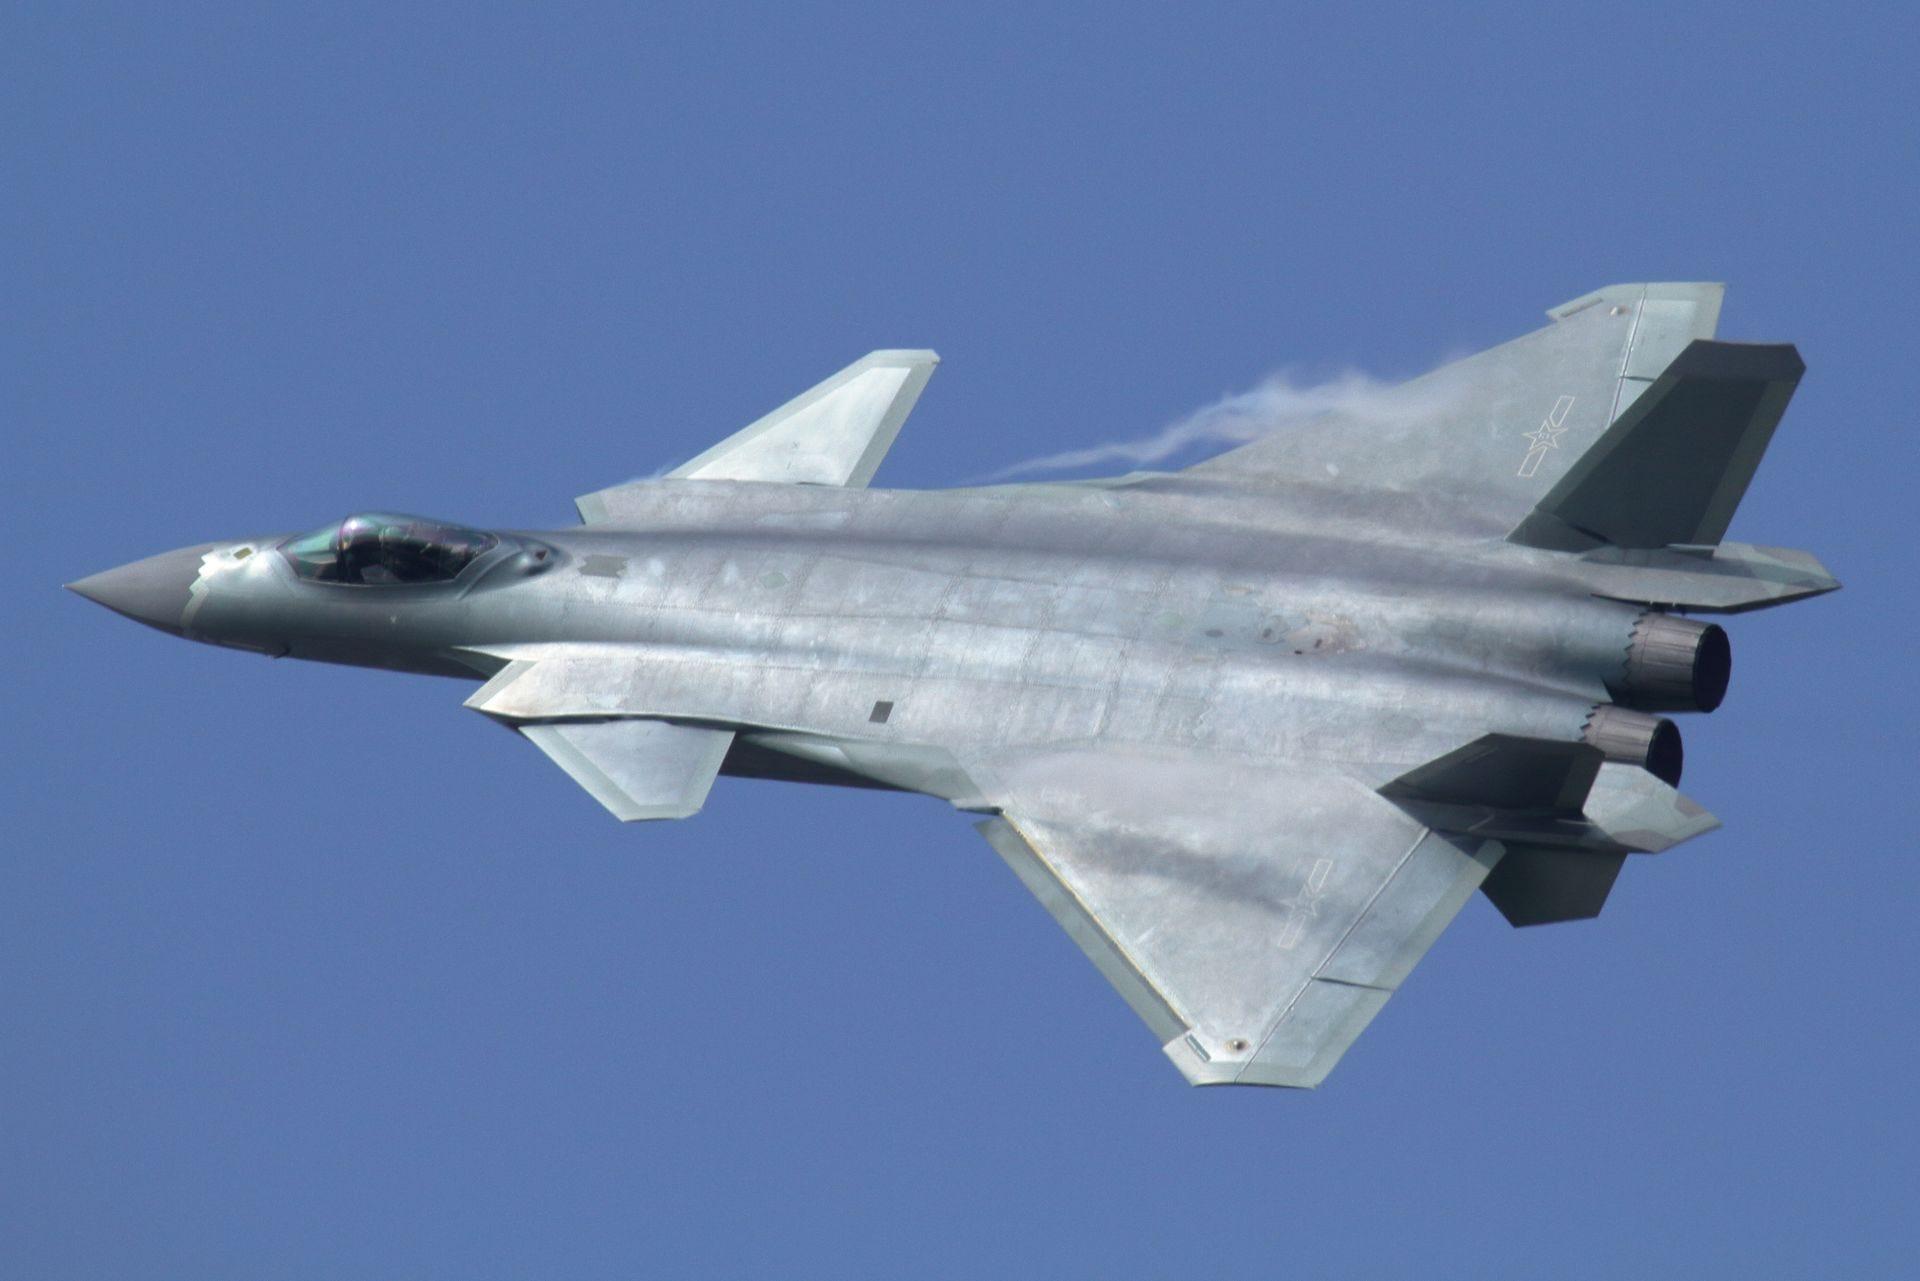 美國F-35對中國J20」的討論:優勢在哪一邊? – 石墨工房8.0